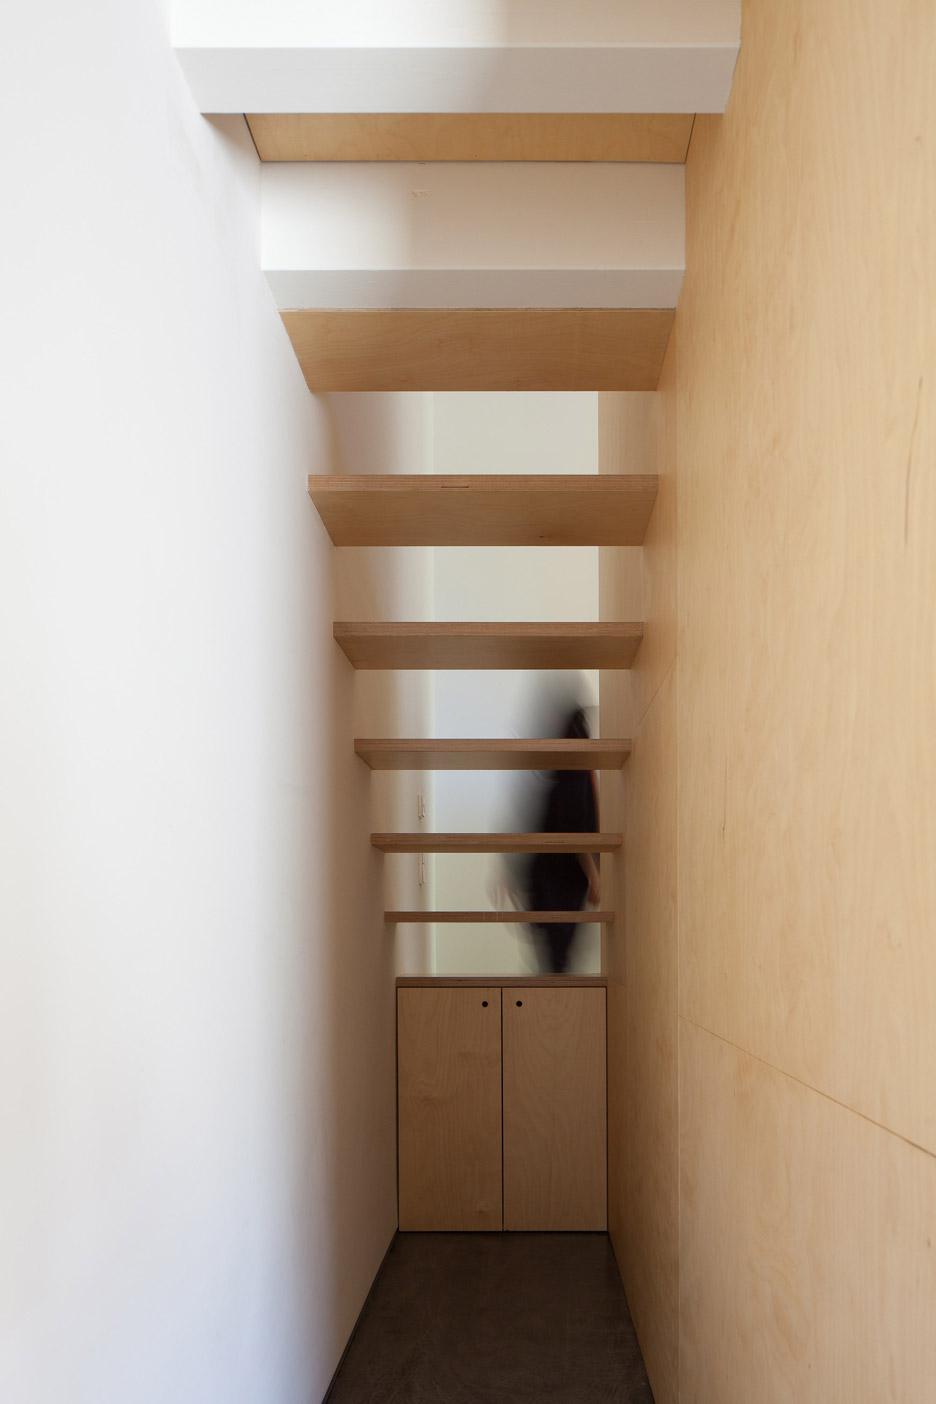 Nogueiras House by Sofia Parente and André Delgado